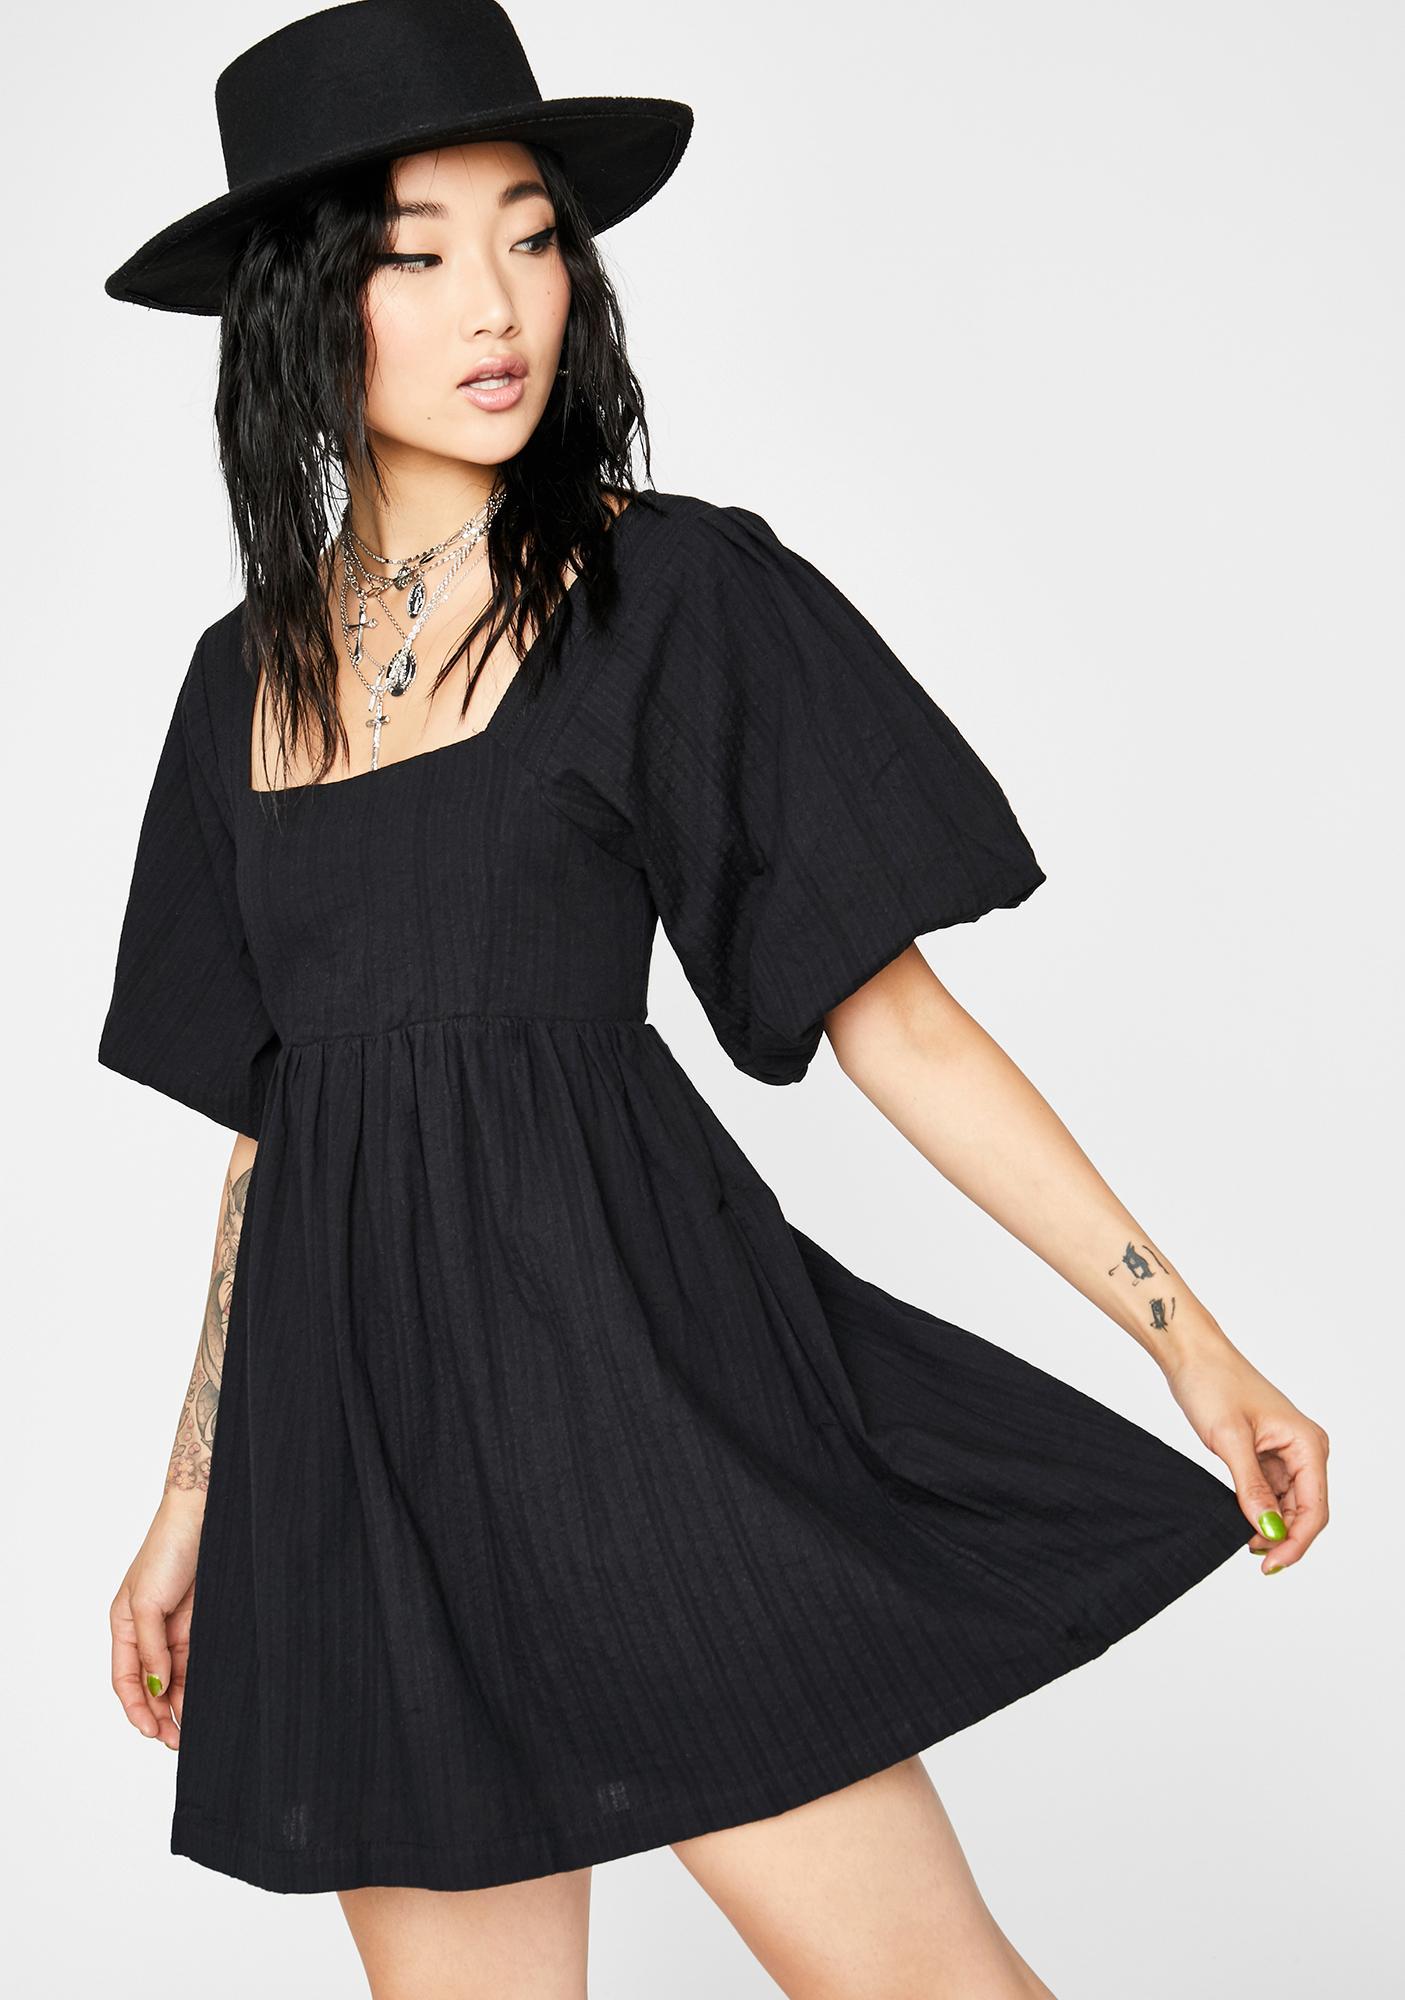 Runaway Sweetheart Mini Dress